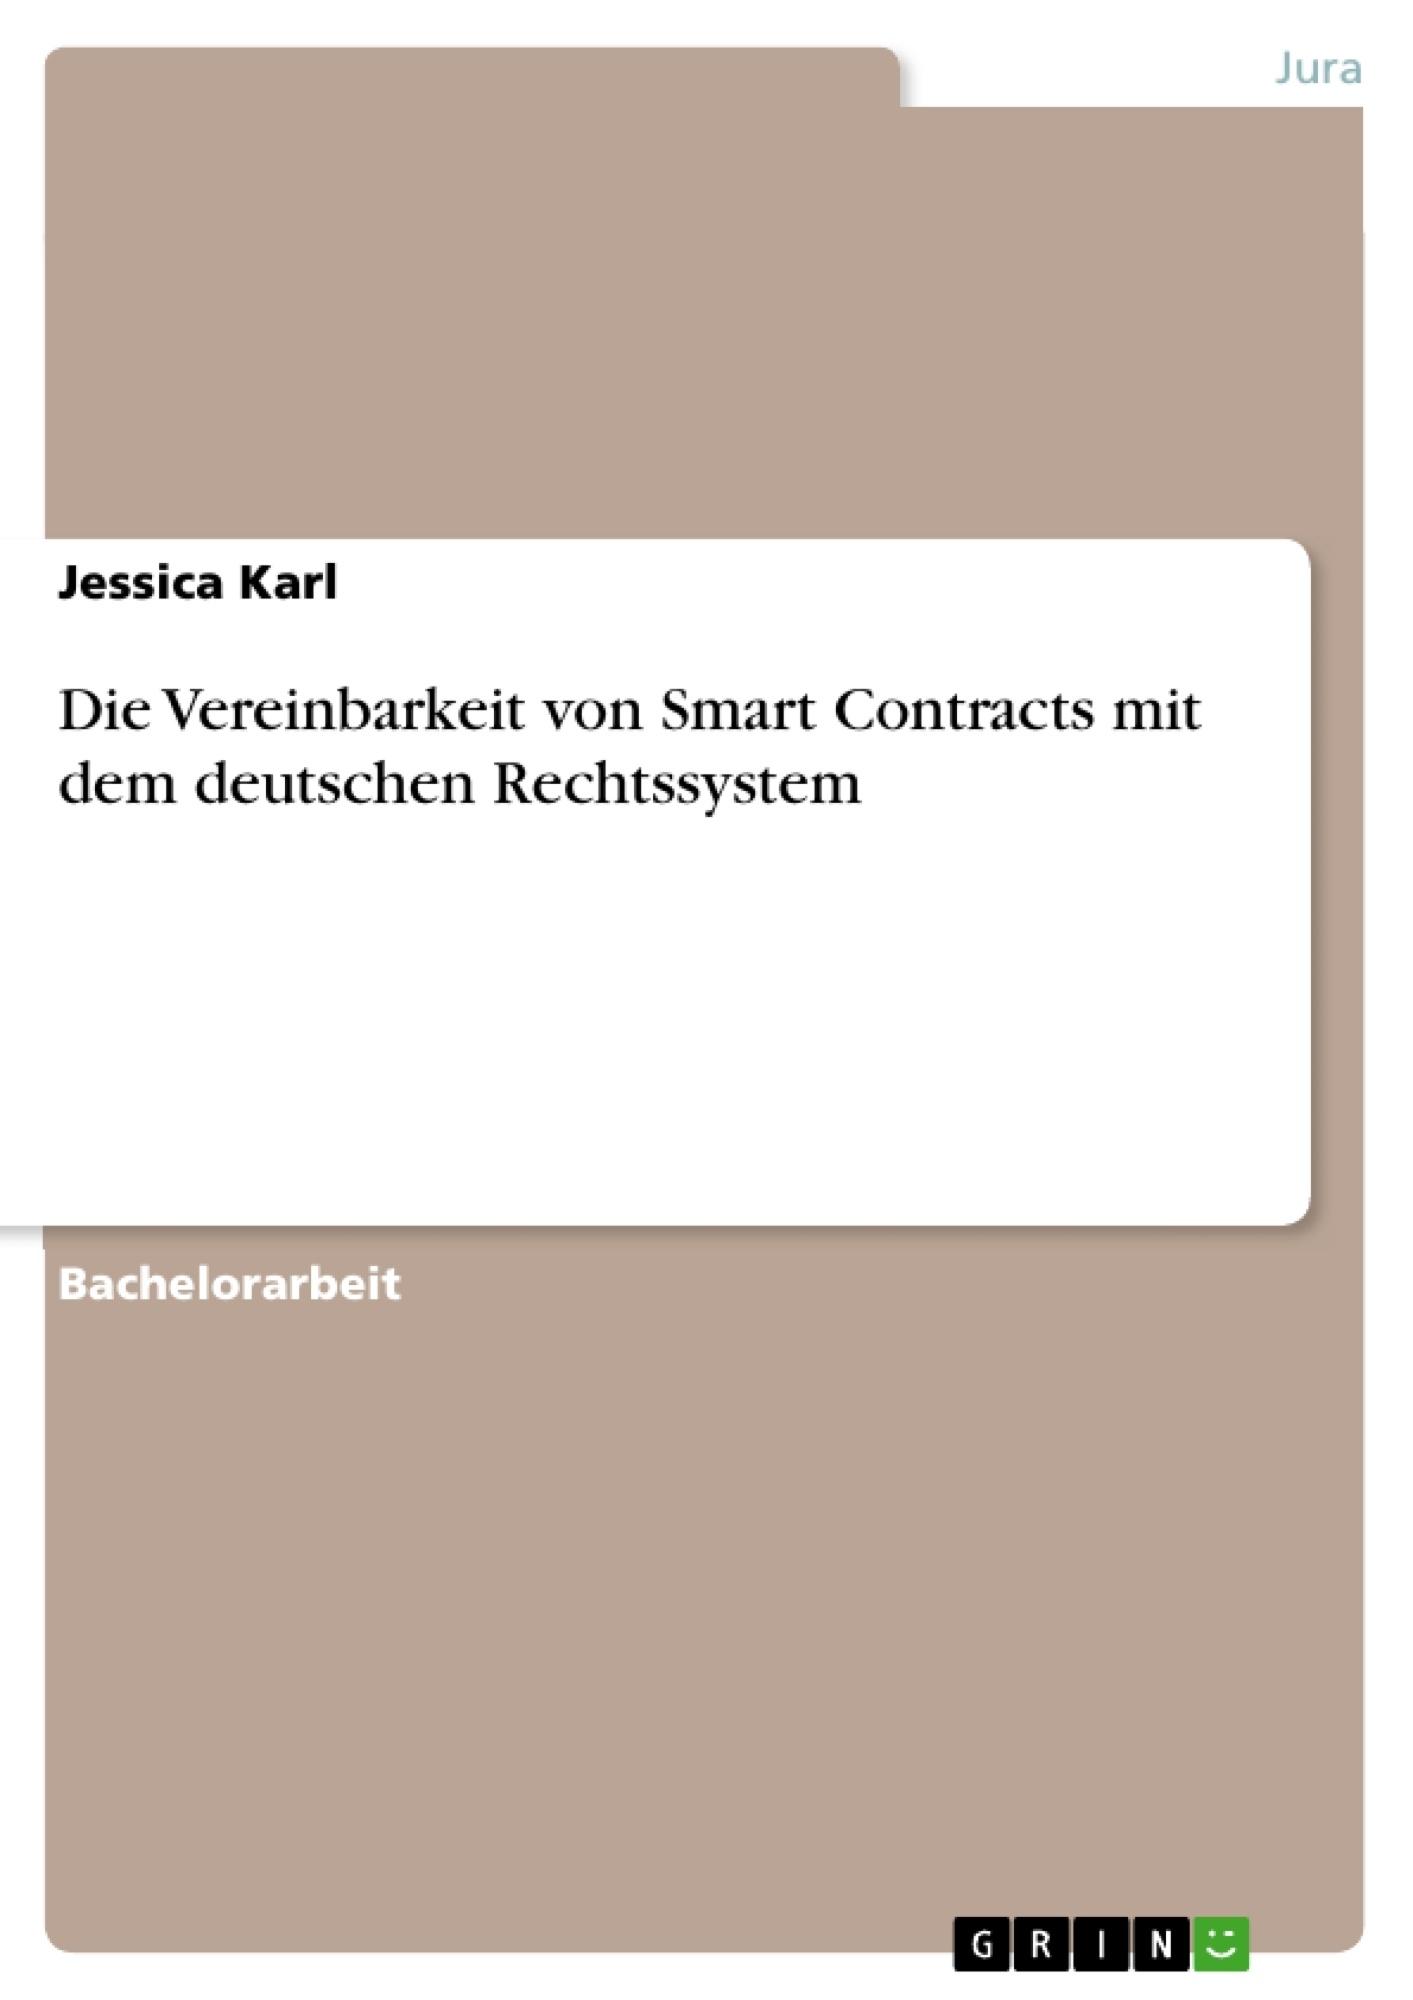 Titel: Die Vereinbarkeit von Smart Contracts mit dem deutschen Rechtssystem